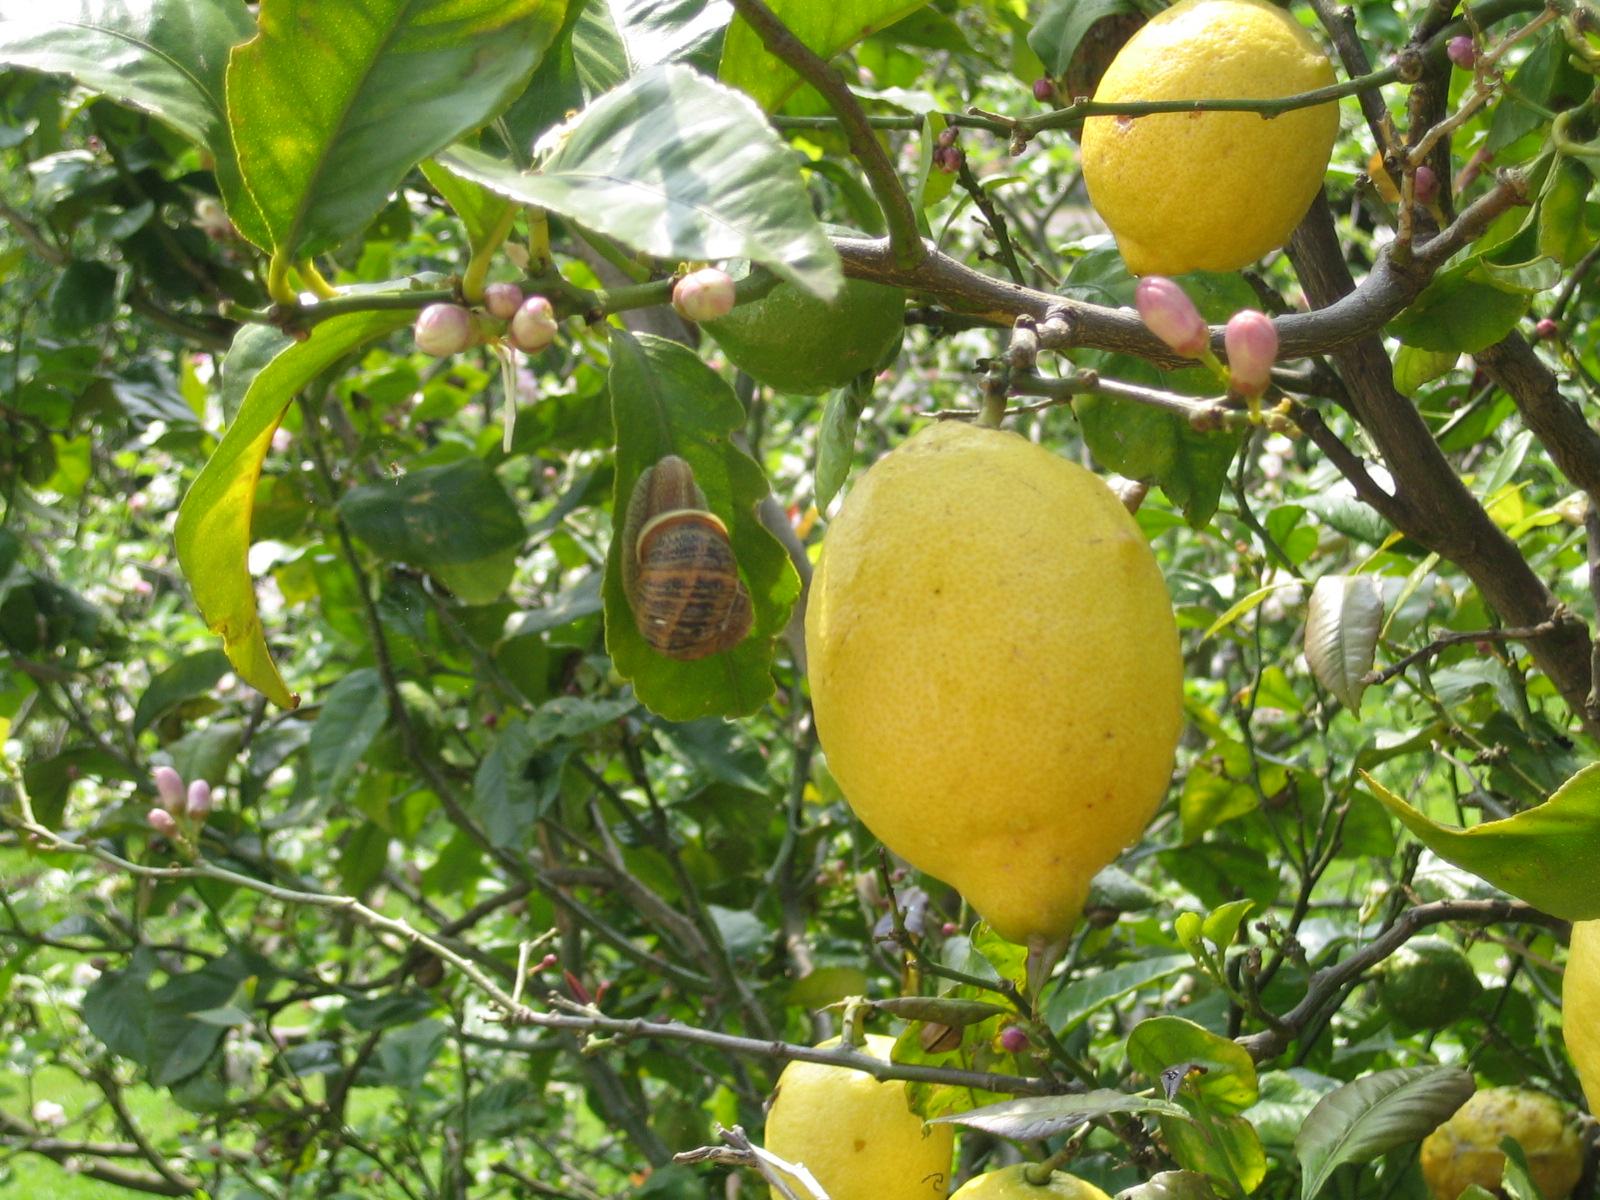 Rase una vez quiz la flor del limonero limonero sin limones for Limonero sin limones